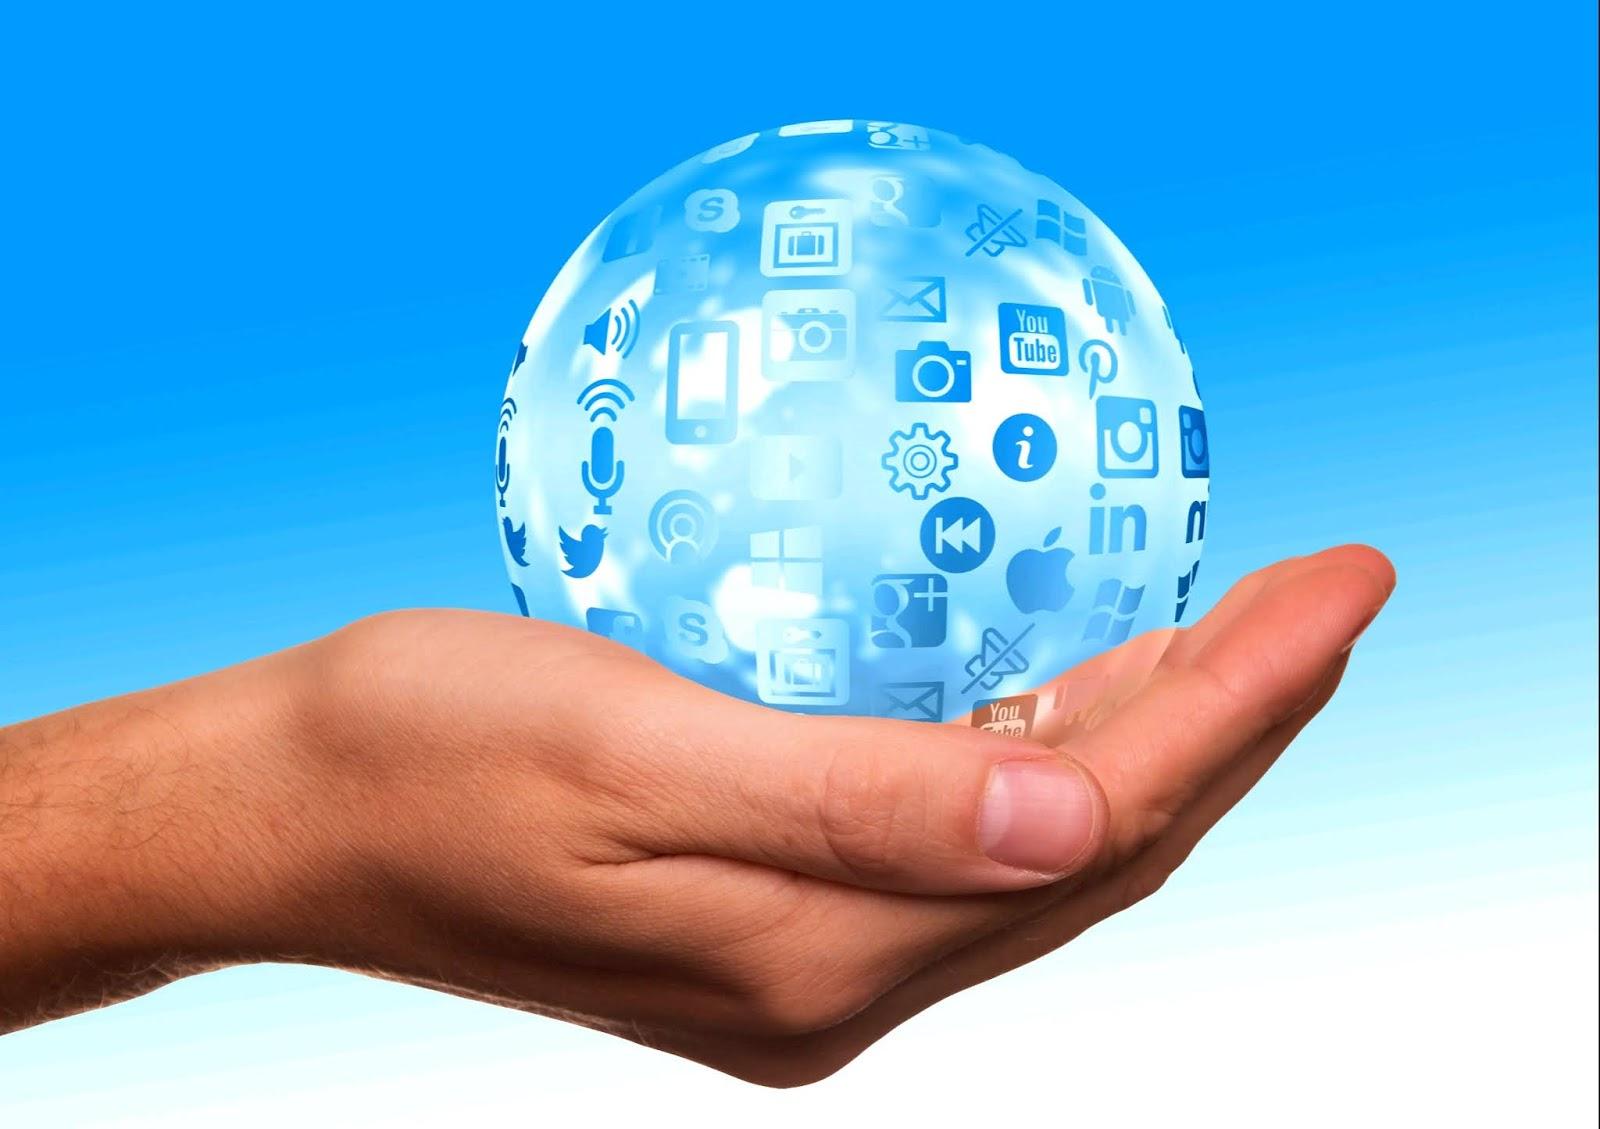 वर्ल्ड वाइड वेब क्या है? What is world wide web?